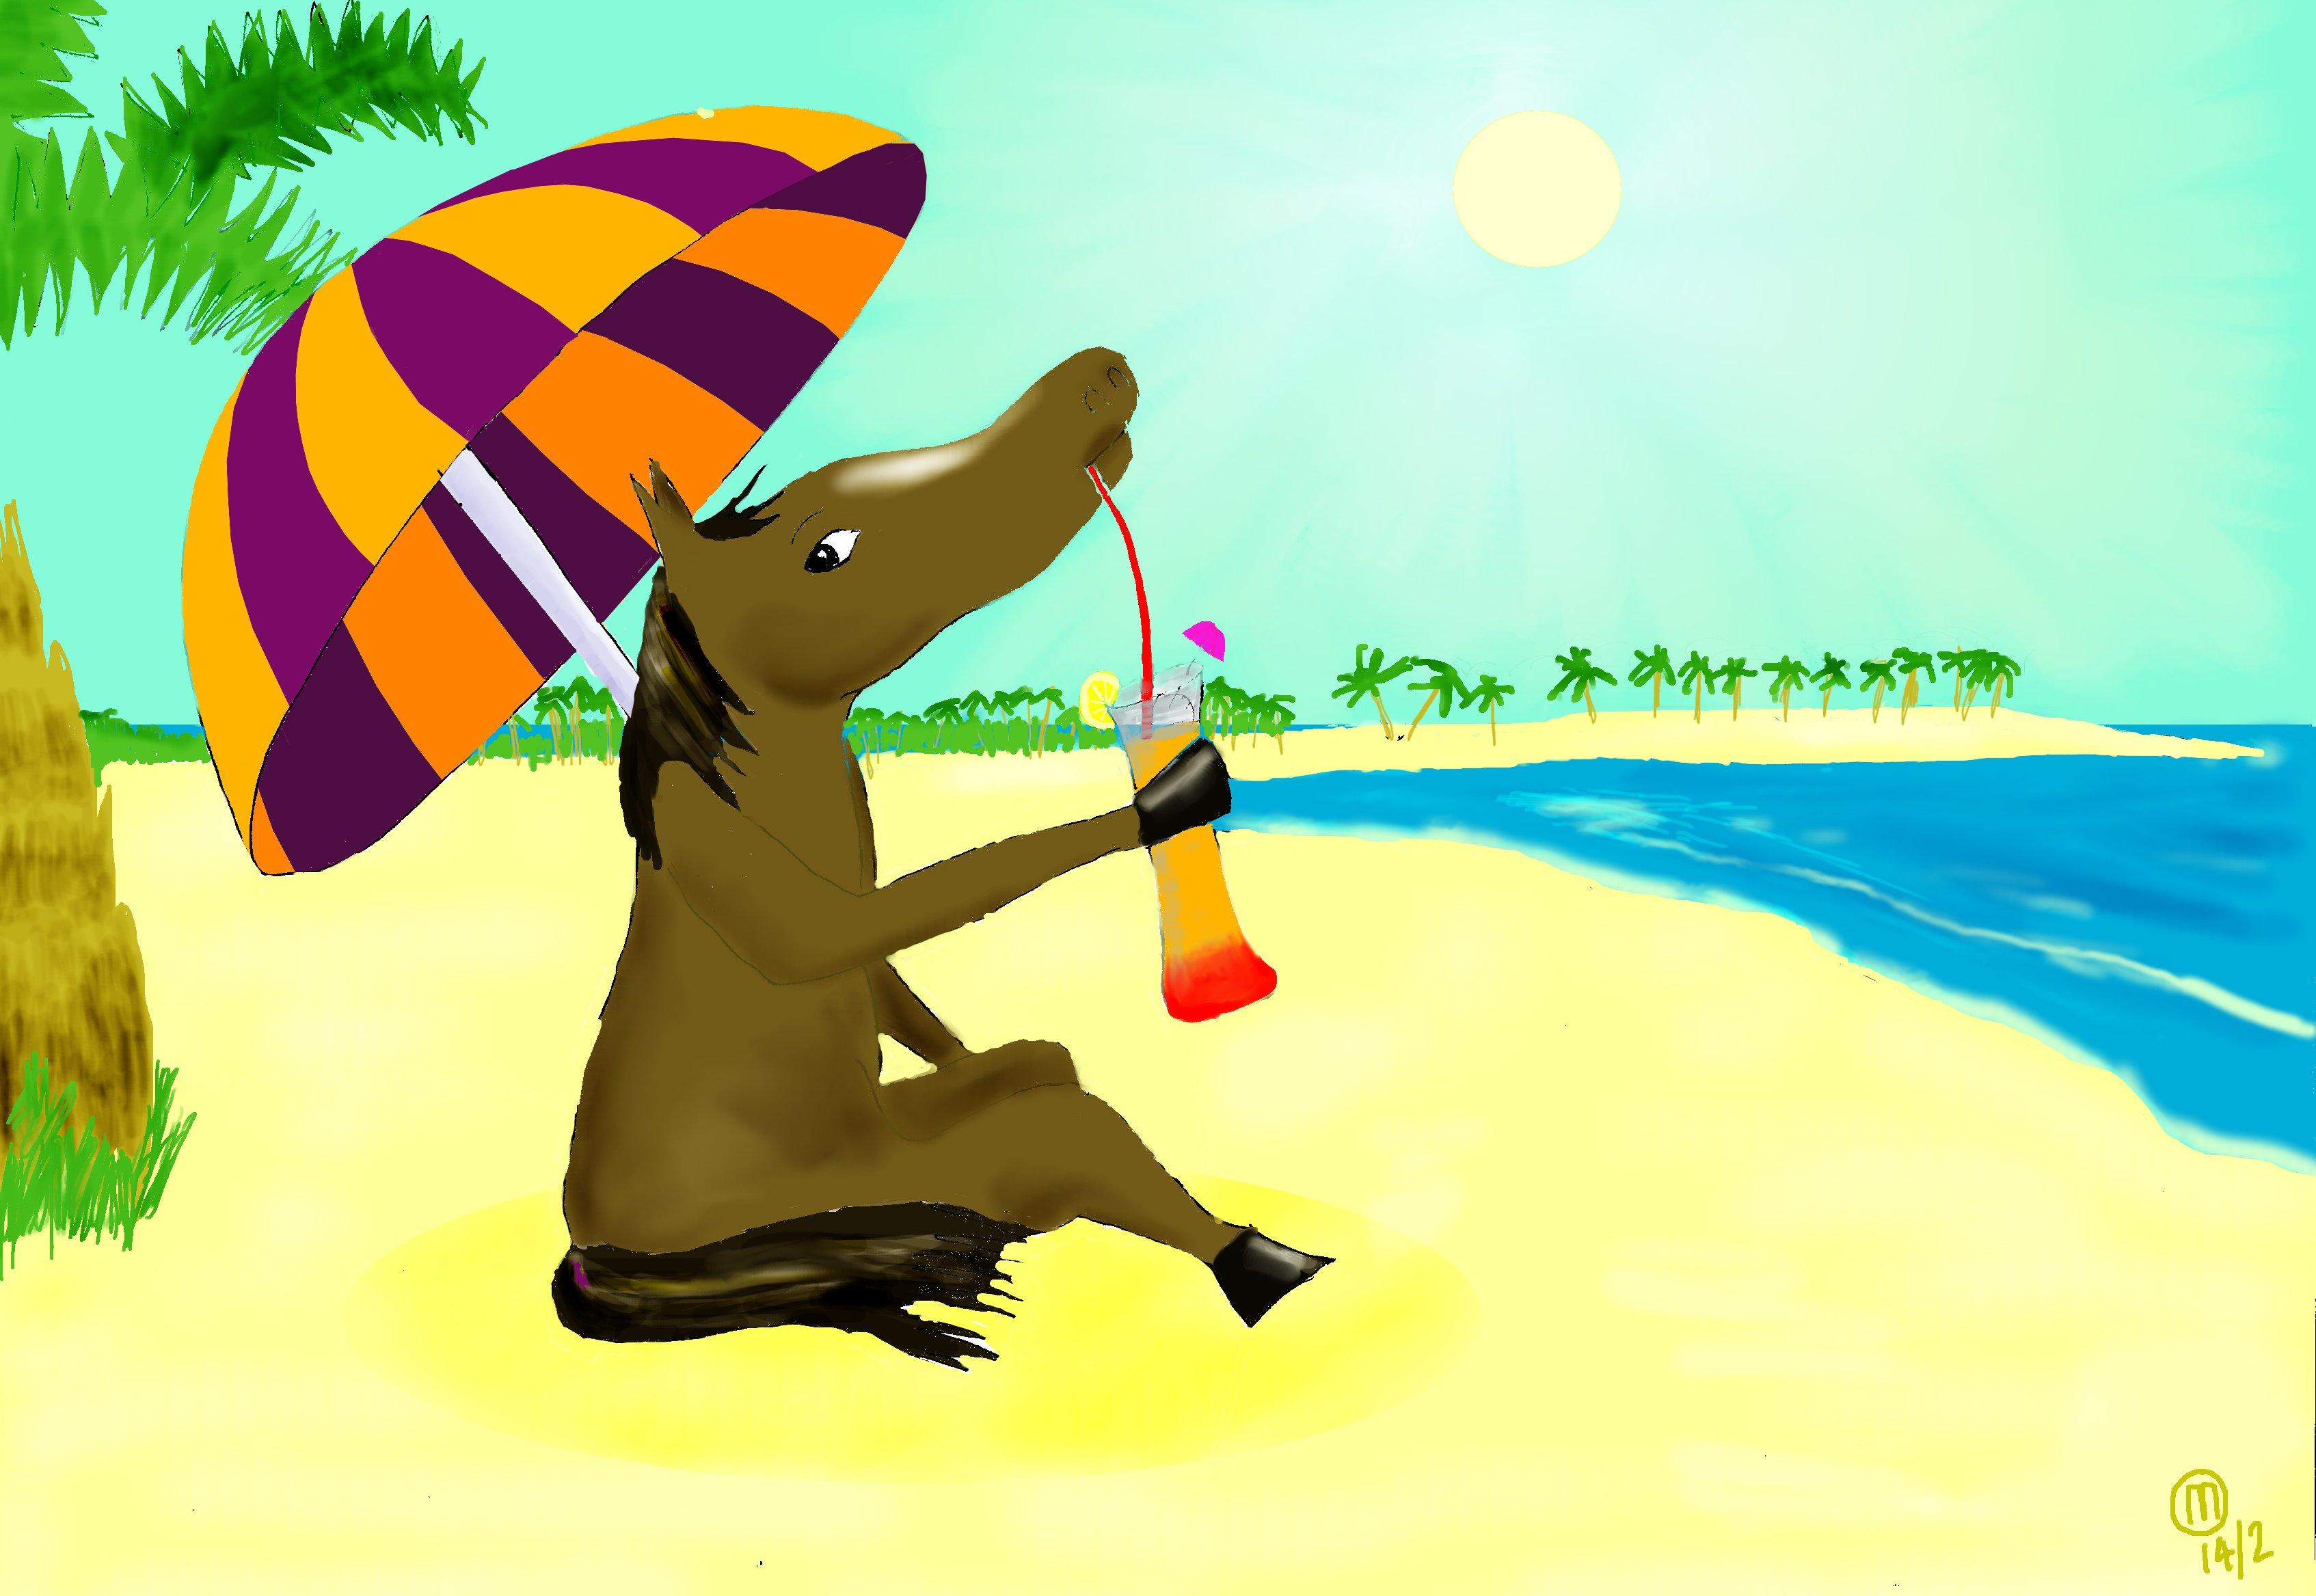 https://mikecampworld.com/blog/wp-content/uploads/2014/04/horse-beach.jpg